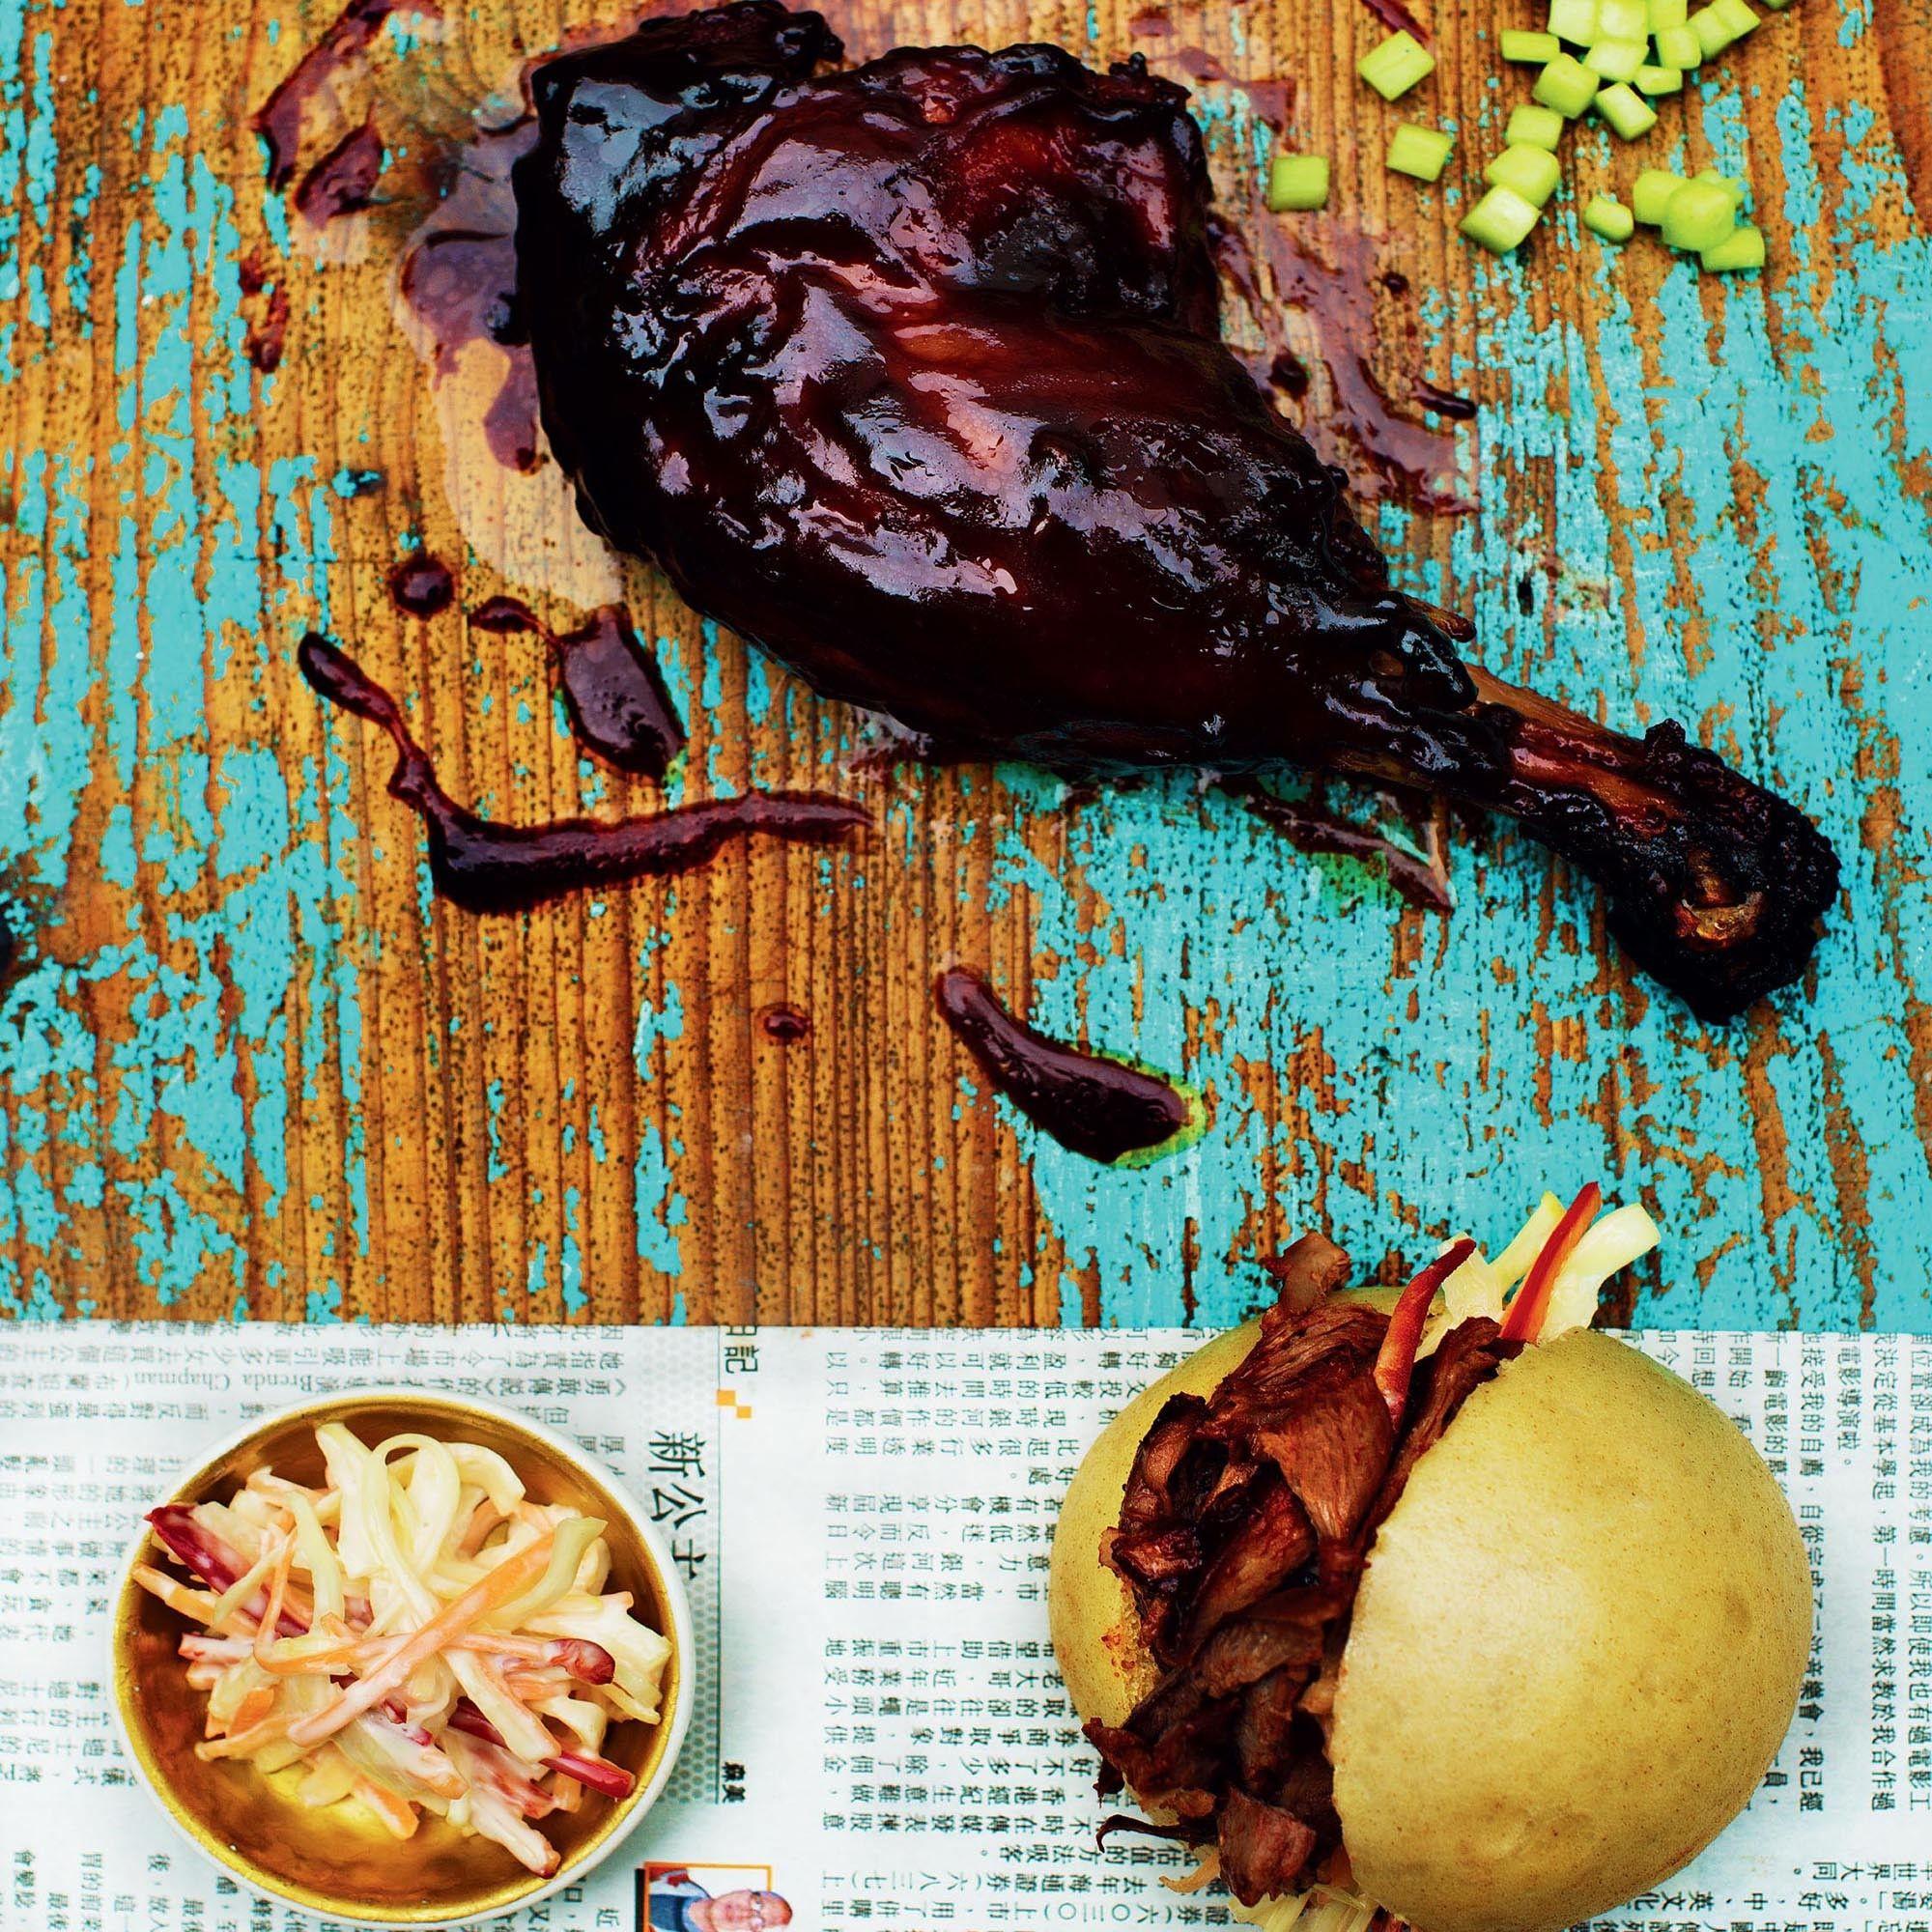 Duck & awasabi Coleslaw Buns